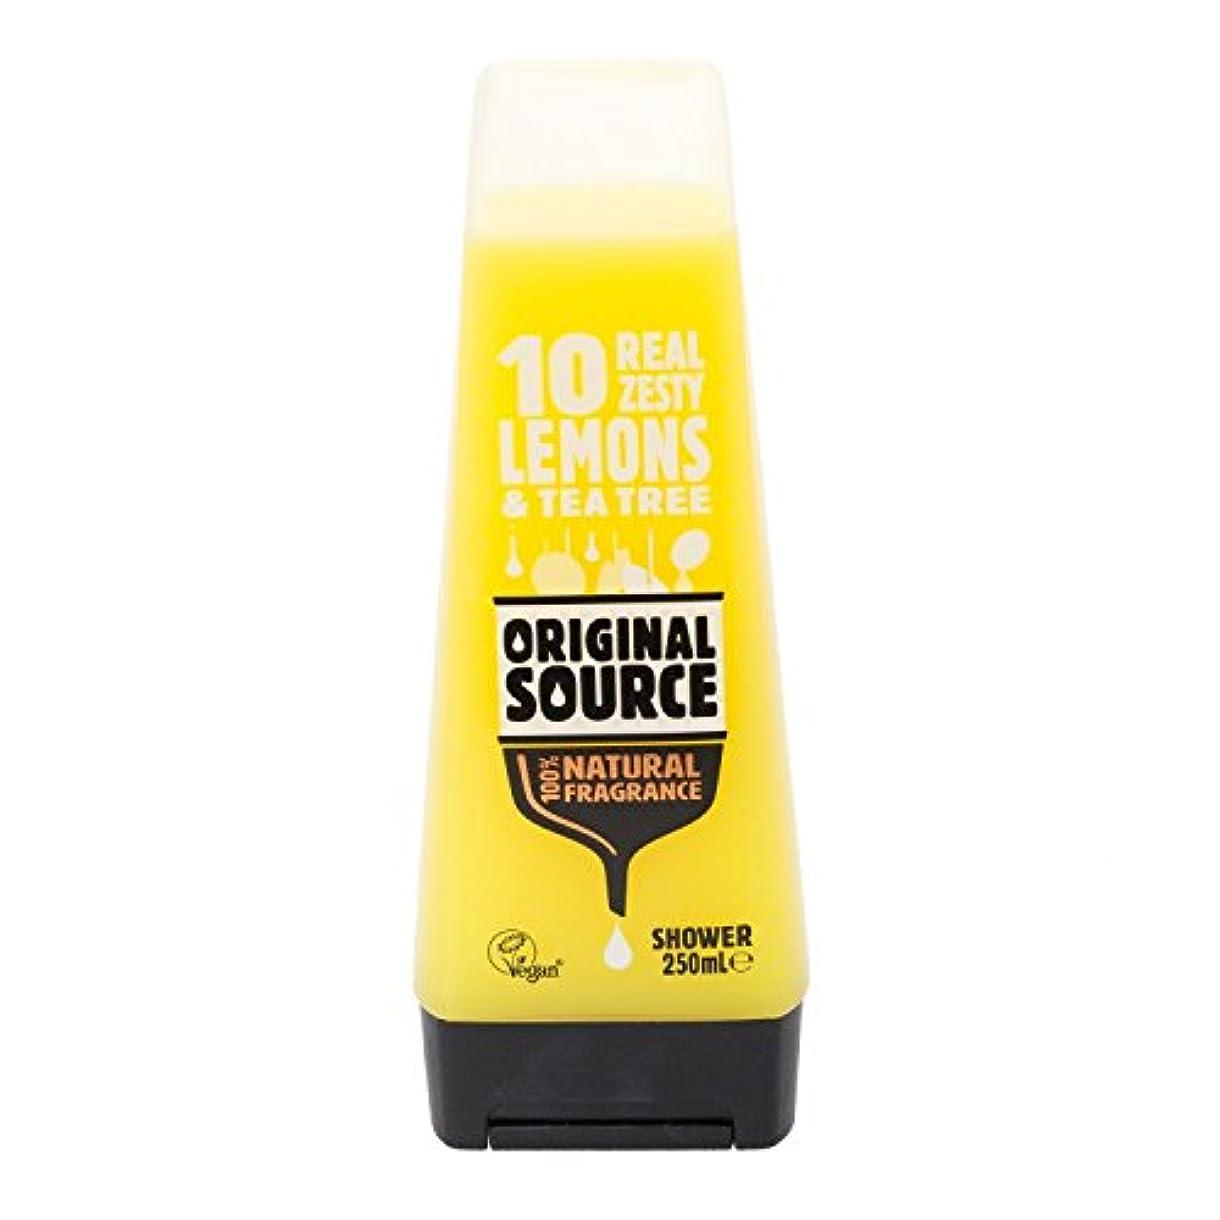 趣味皮肉な適性Cussons Lemon and Tea Tree Original Source Shower Gel by PZ CUSSONS (UK) LTD